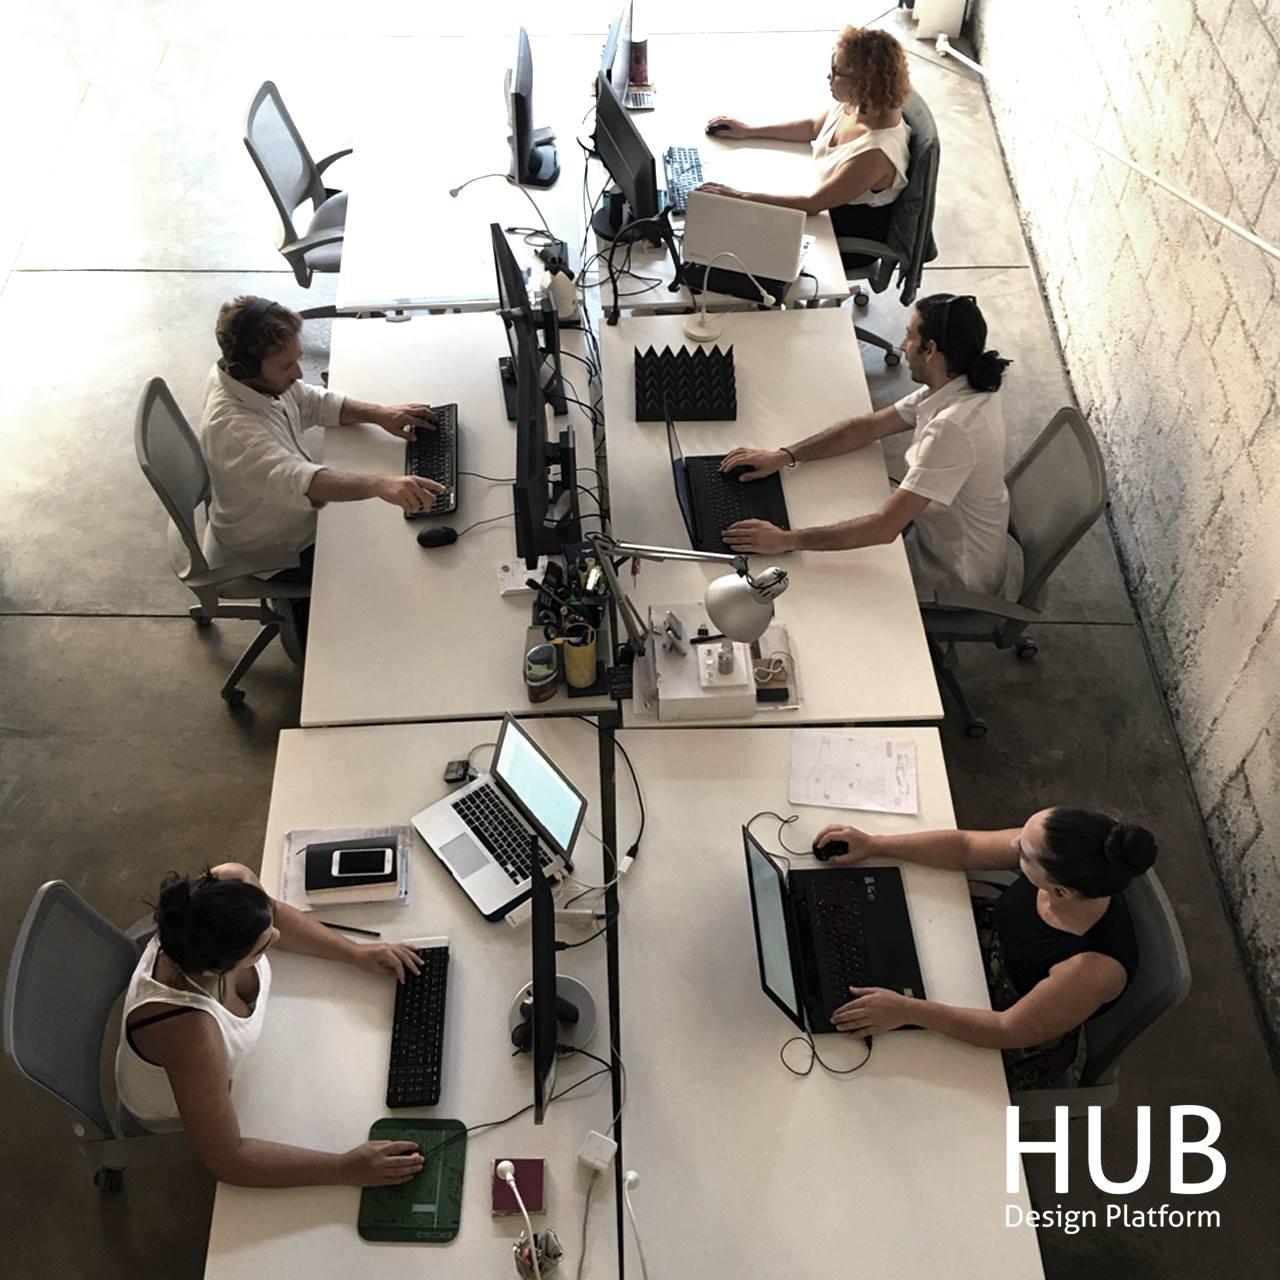 HUB Design Platform, Limassol